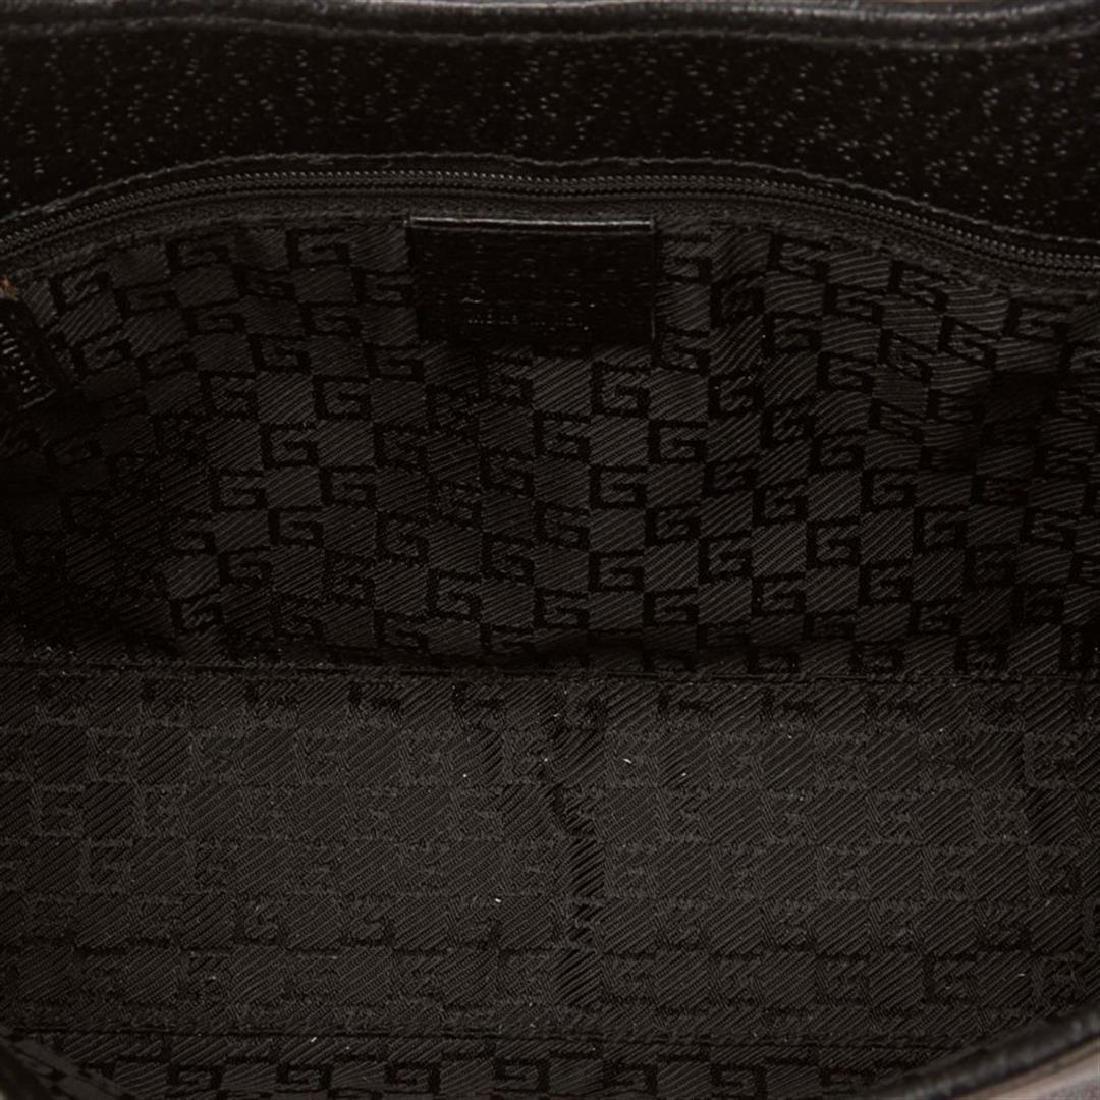 Gucci Black Canvas Leather Jackie Shoulder Bag - 5